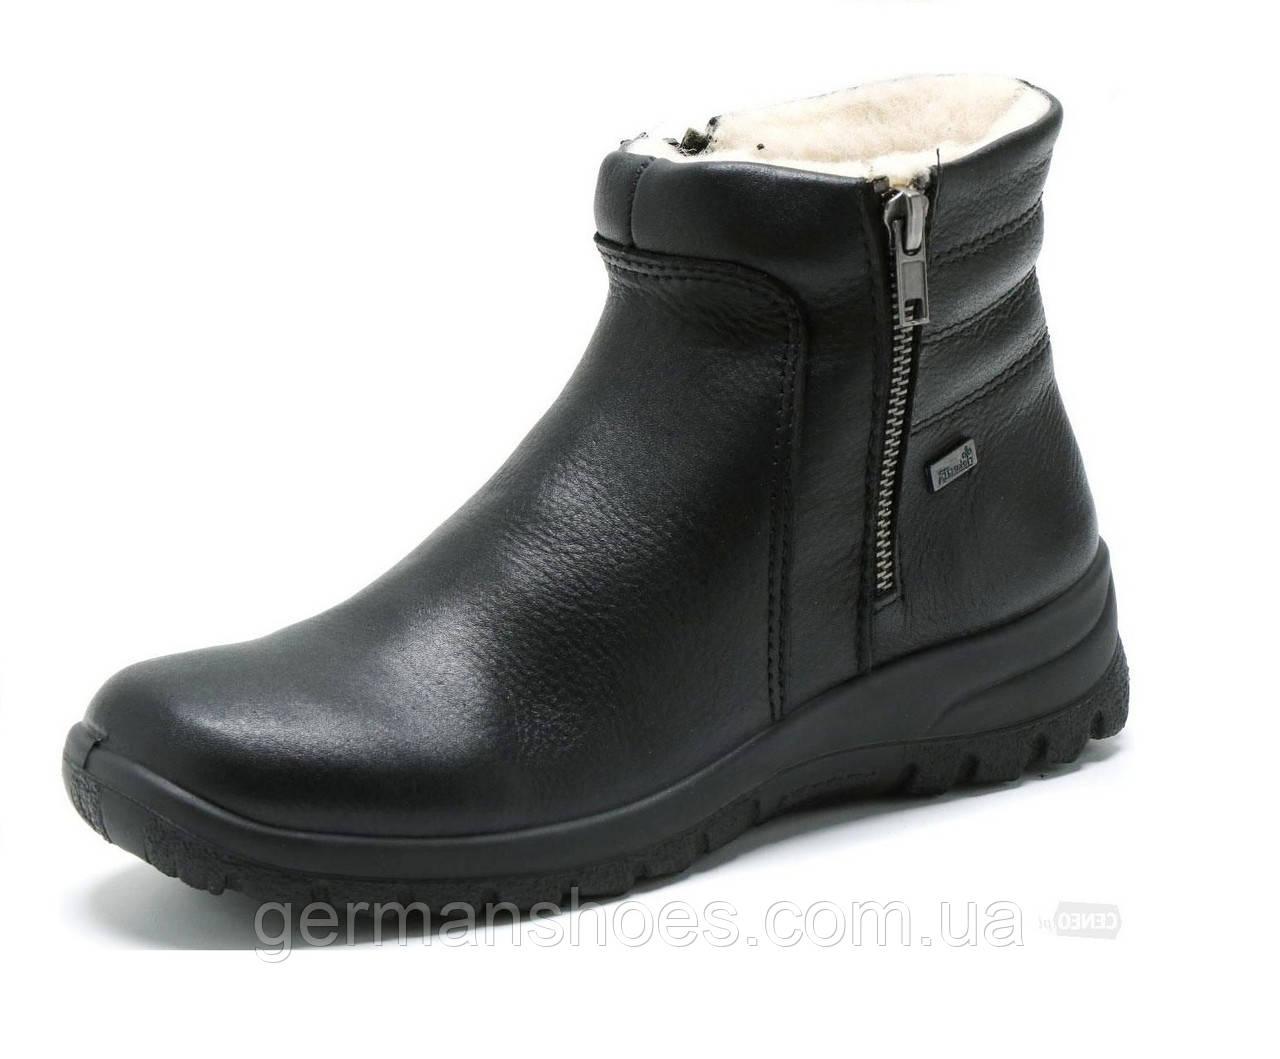 Ботинки женские Rieker Z7163-00